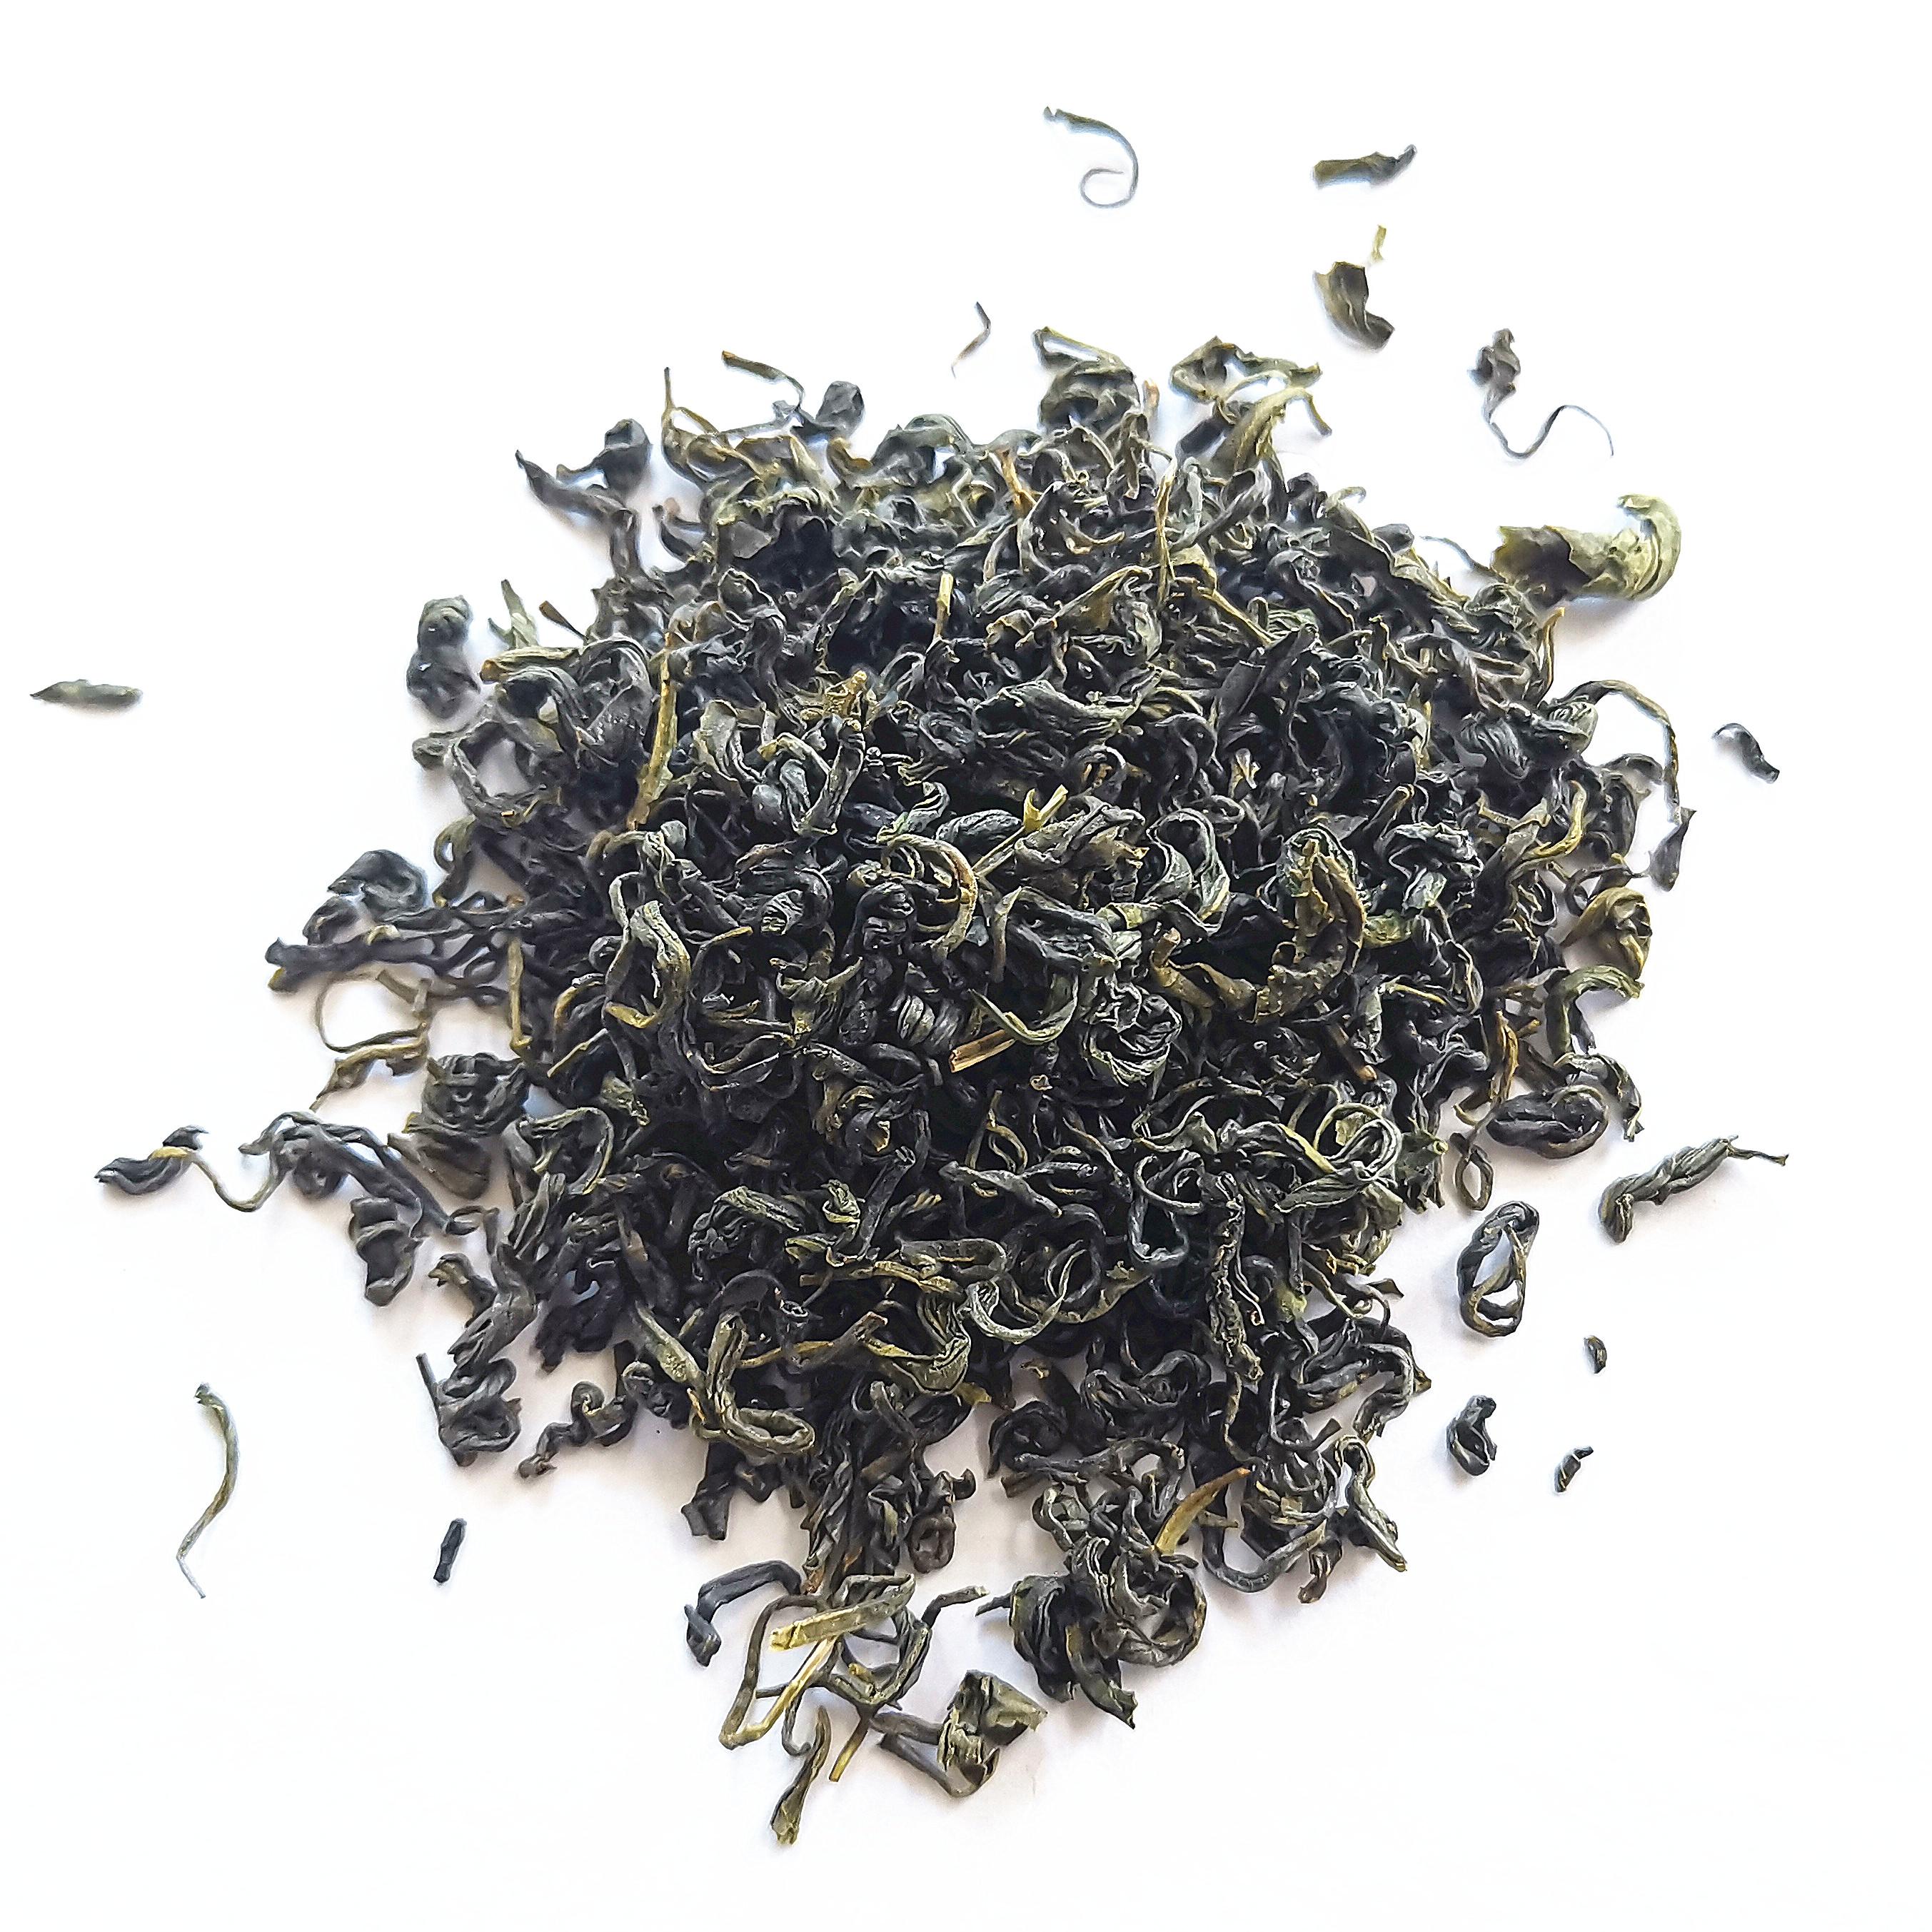 Specialty tea stores internet shop selling websites green tea - 4uTea | 4uTea.com